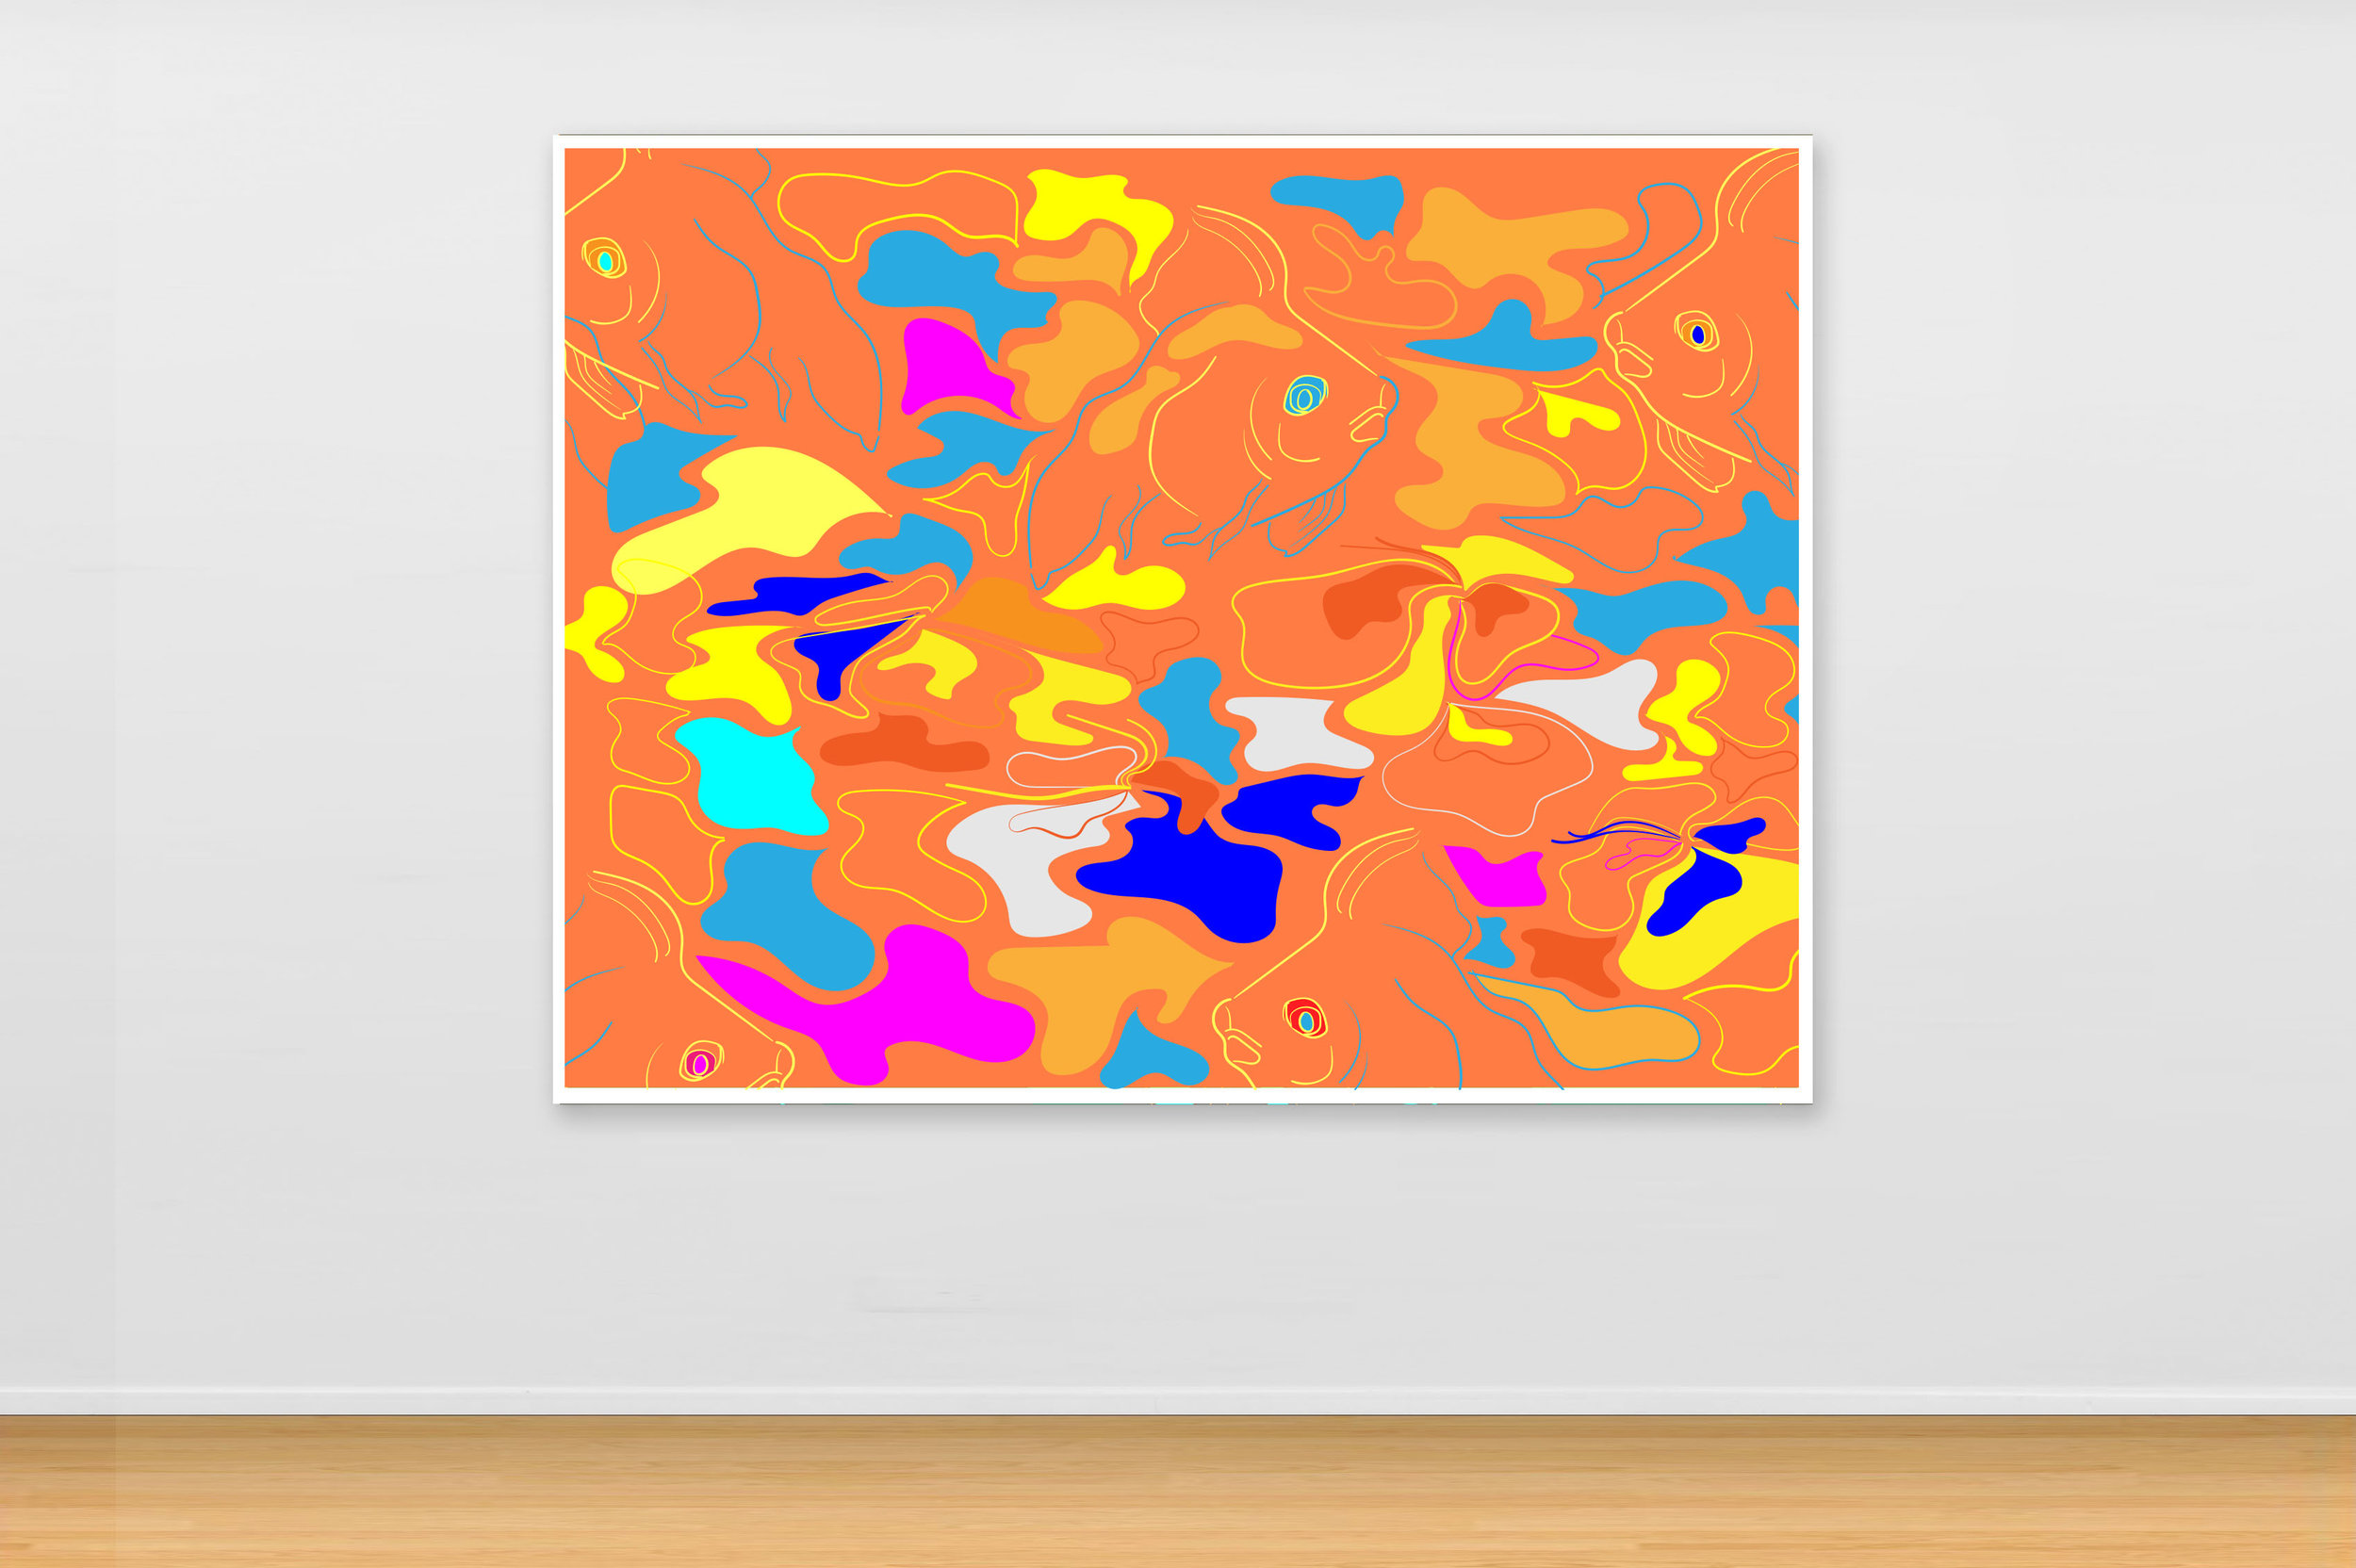 AV_Painting_Mockup2 copy.jpg